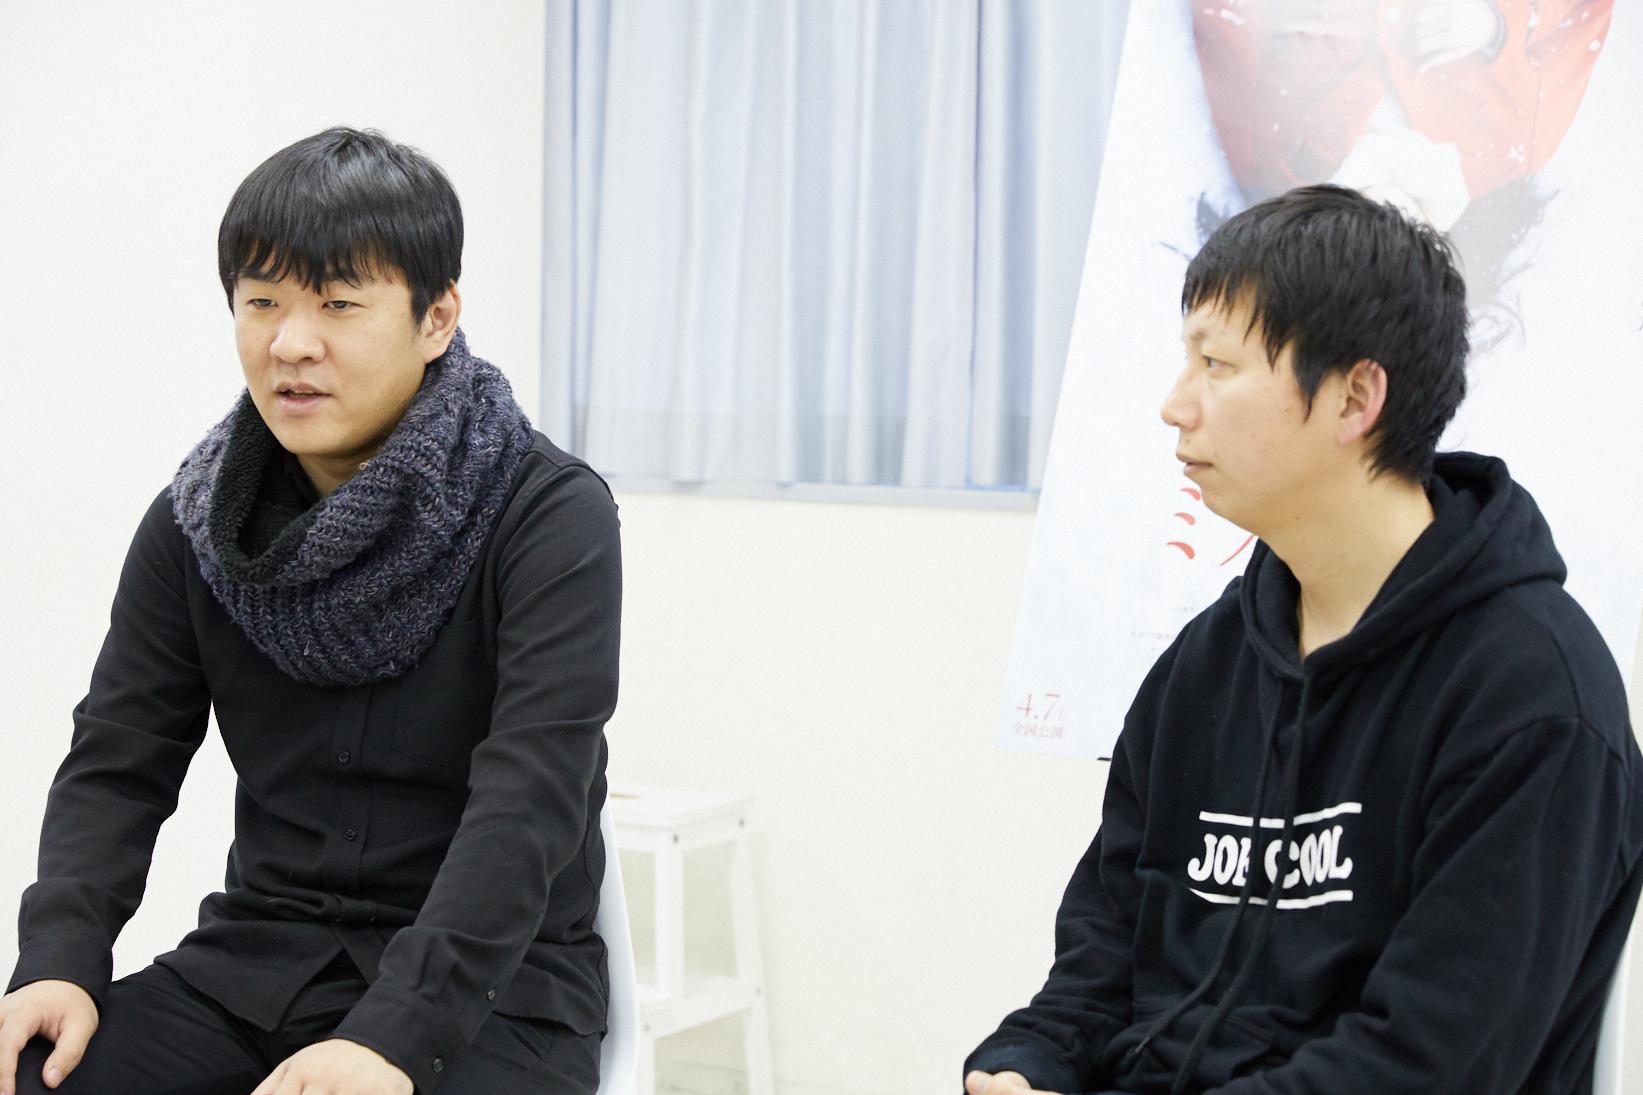 左から、押切蓮介氏(原作者)、内藤瑛亮監督